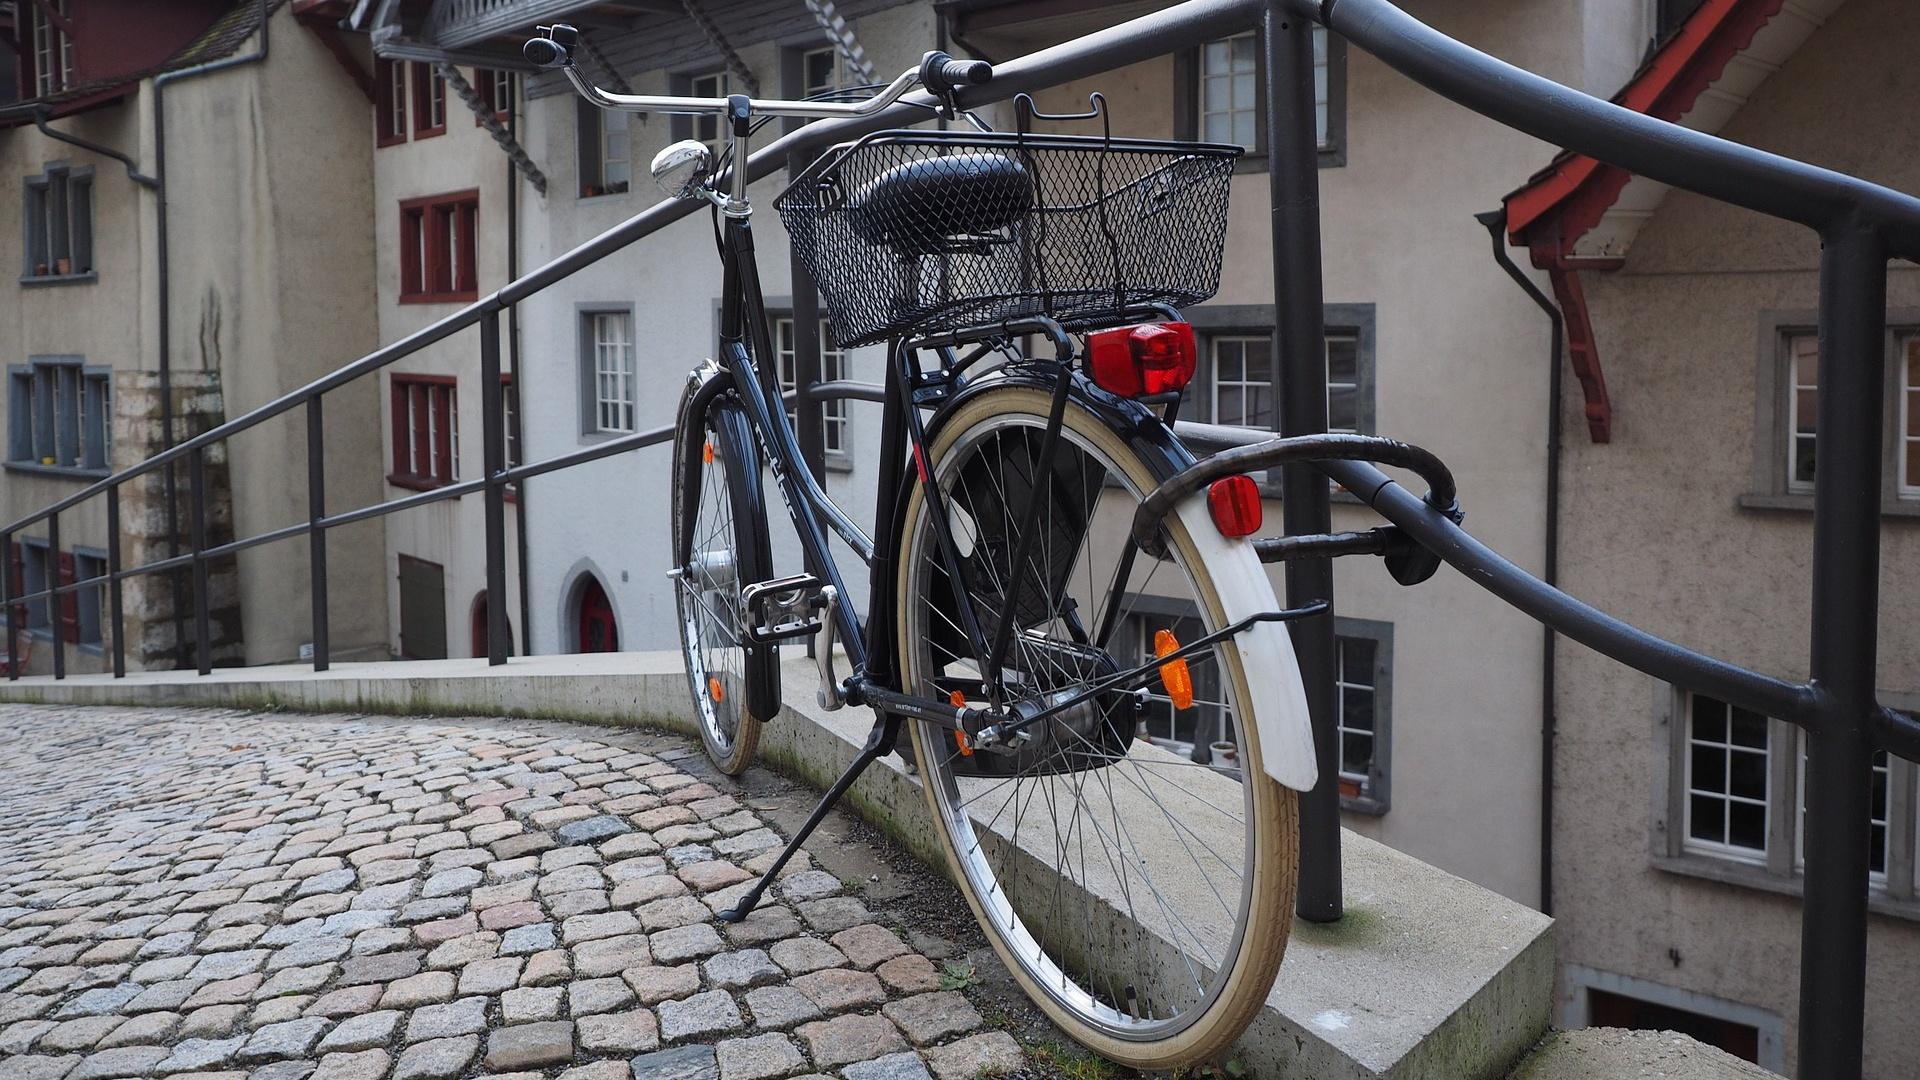 Fahrradreifen wechseln - so geht's